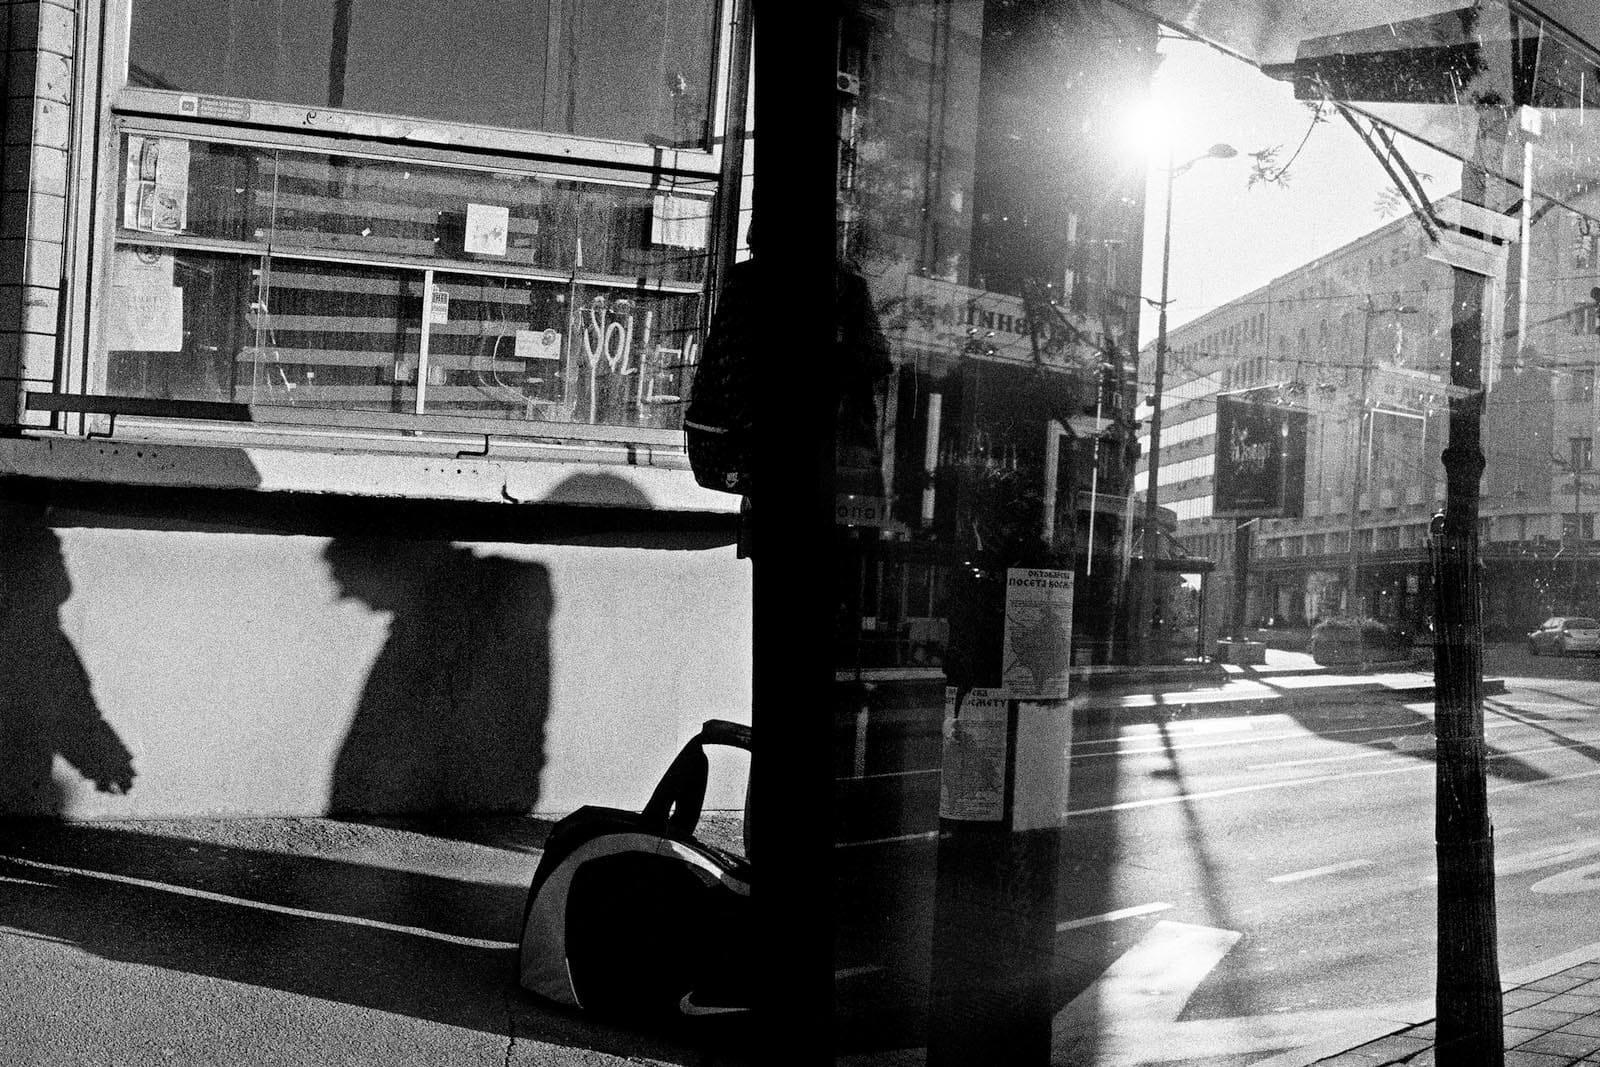 Jean-Christophe Béchet Belgrade, Serbie Tirage gélatino-argentique, réalisé par l'artiste 16,7 x 26,2 cm Dim. papier: 24 x 30 cm